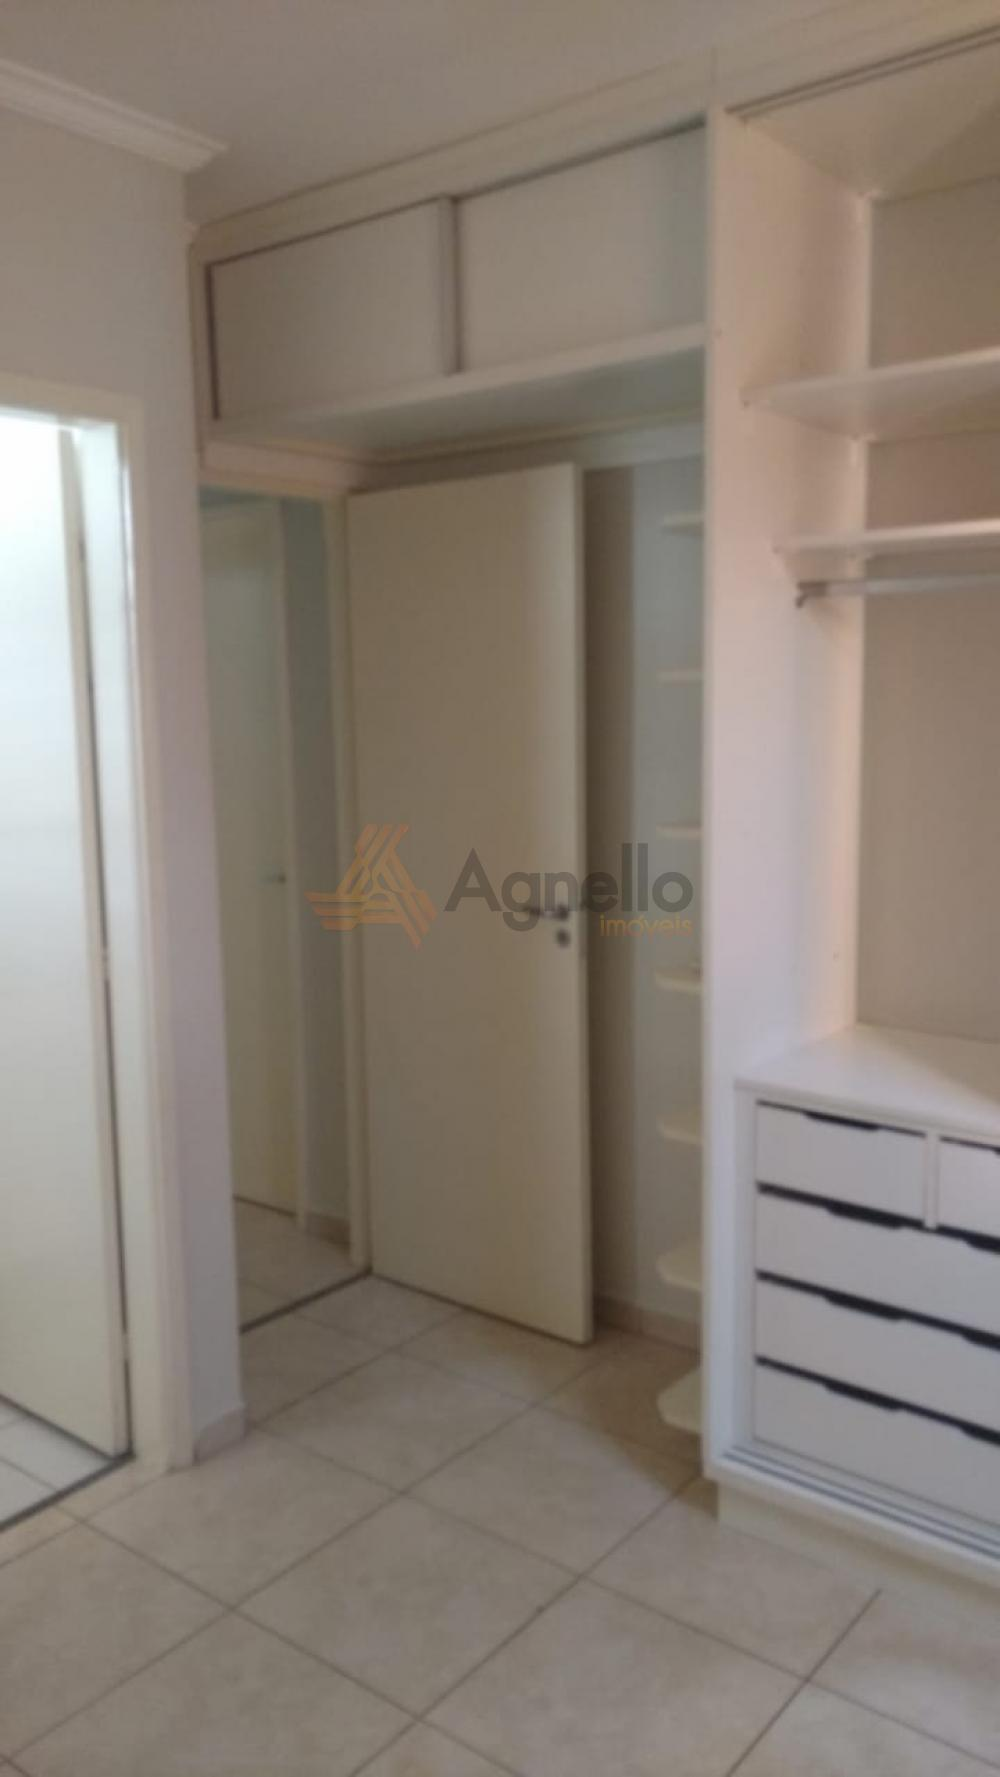 Comprar Casa / Condomínio em Franca apenas R$ 390.000,00 - Foto 6